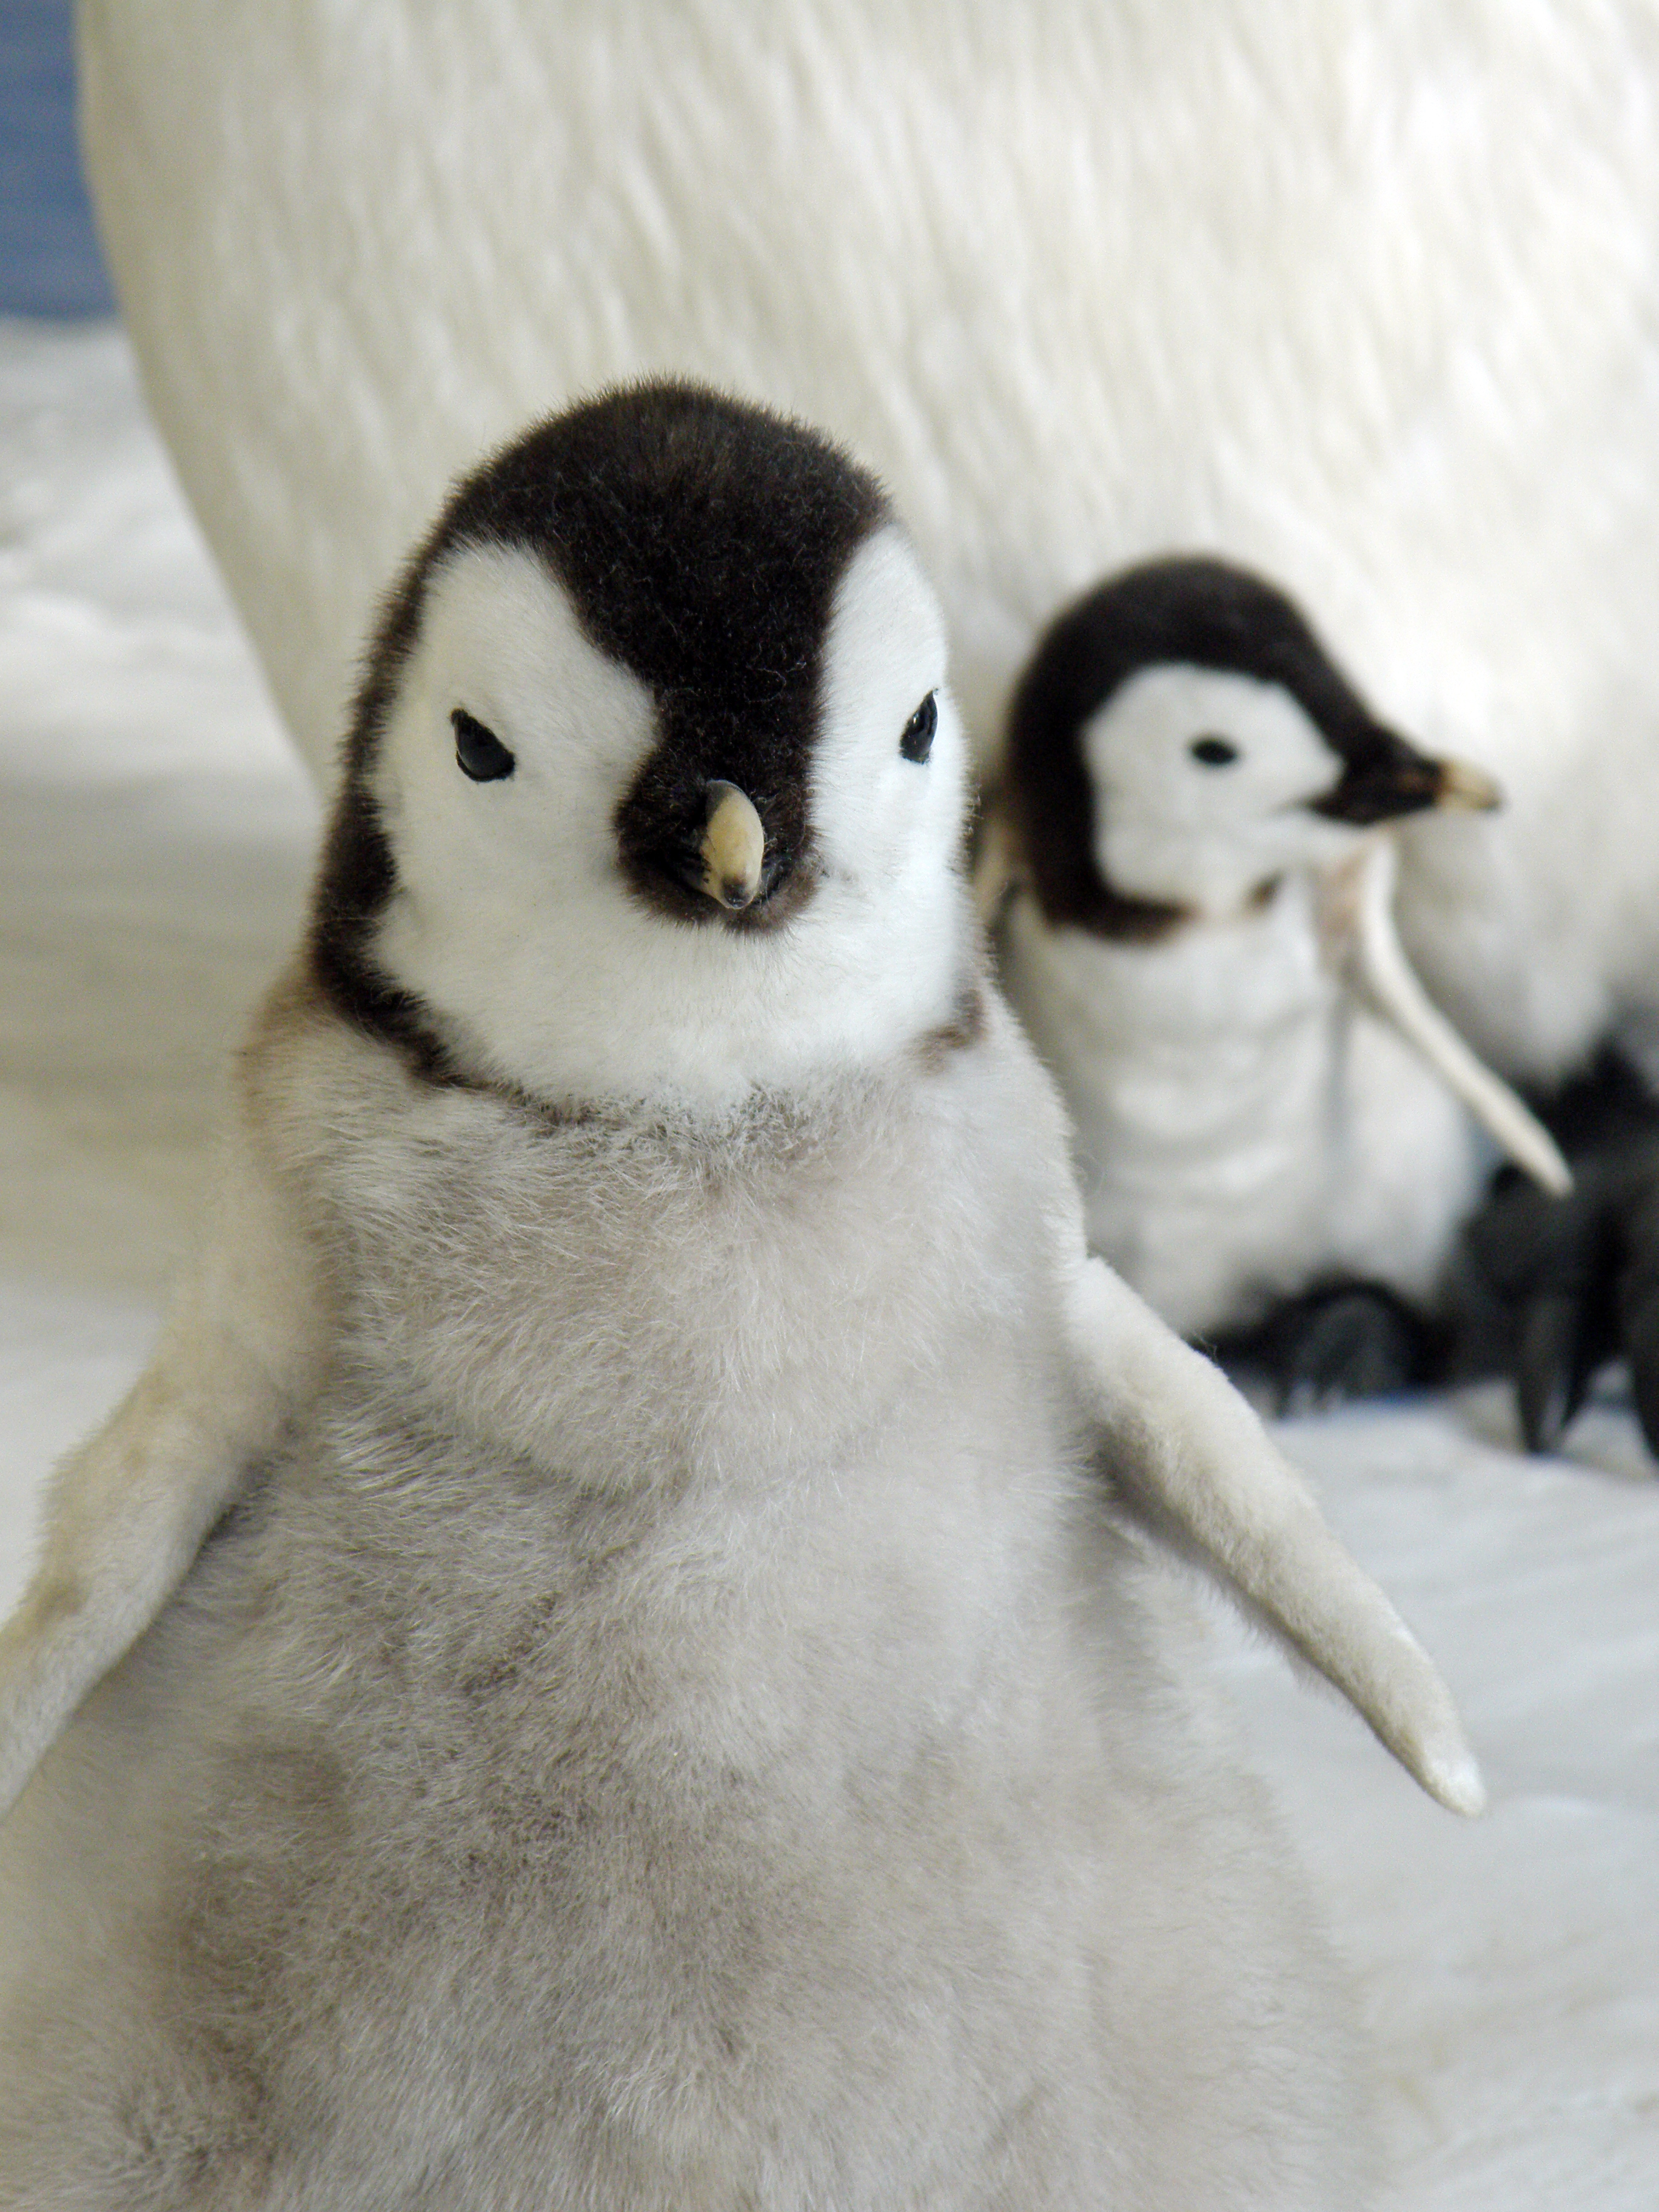 Penguin Flickr Photo Sharing